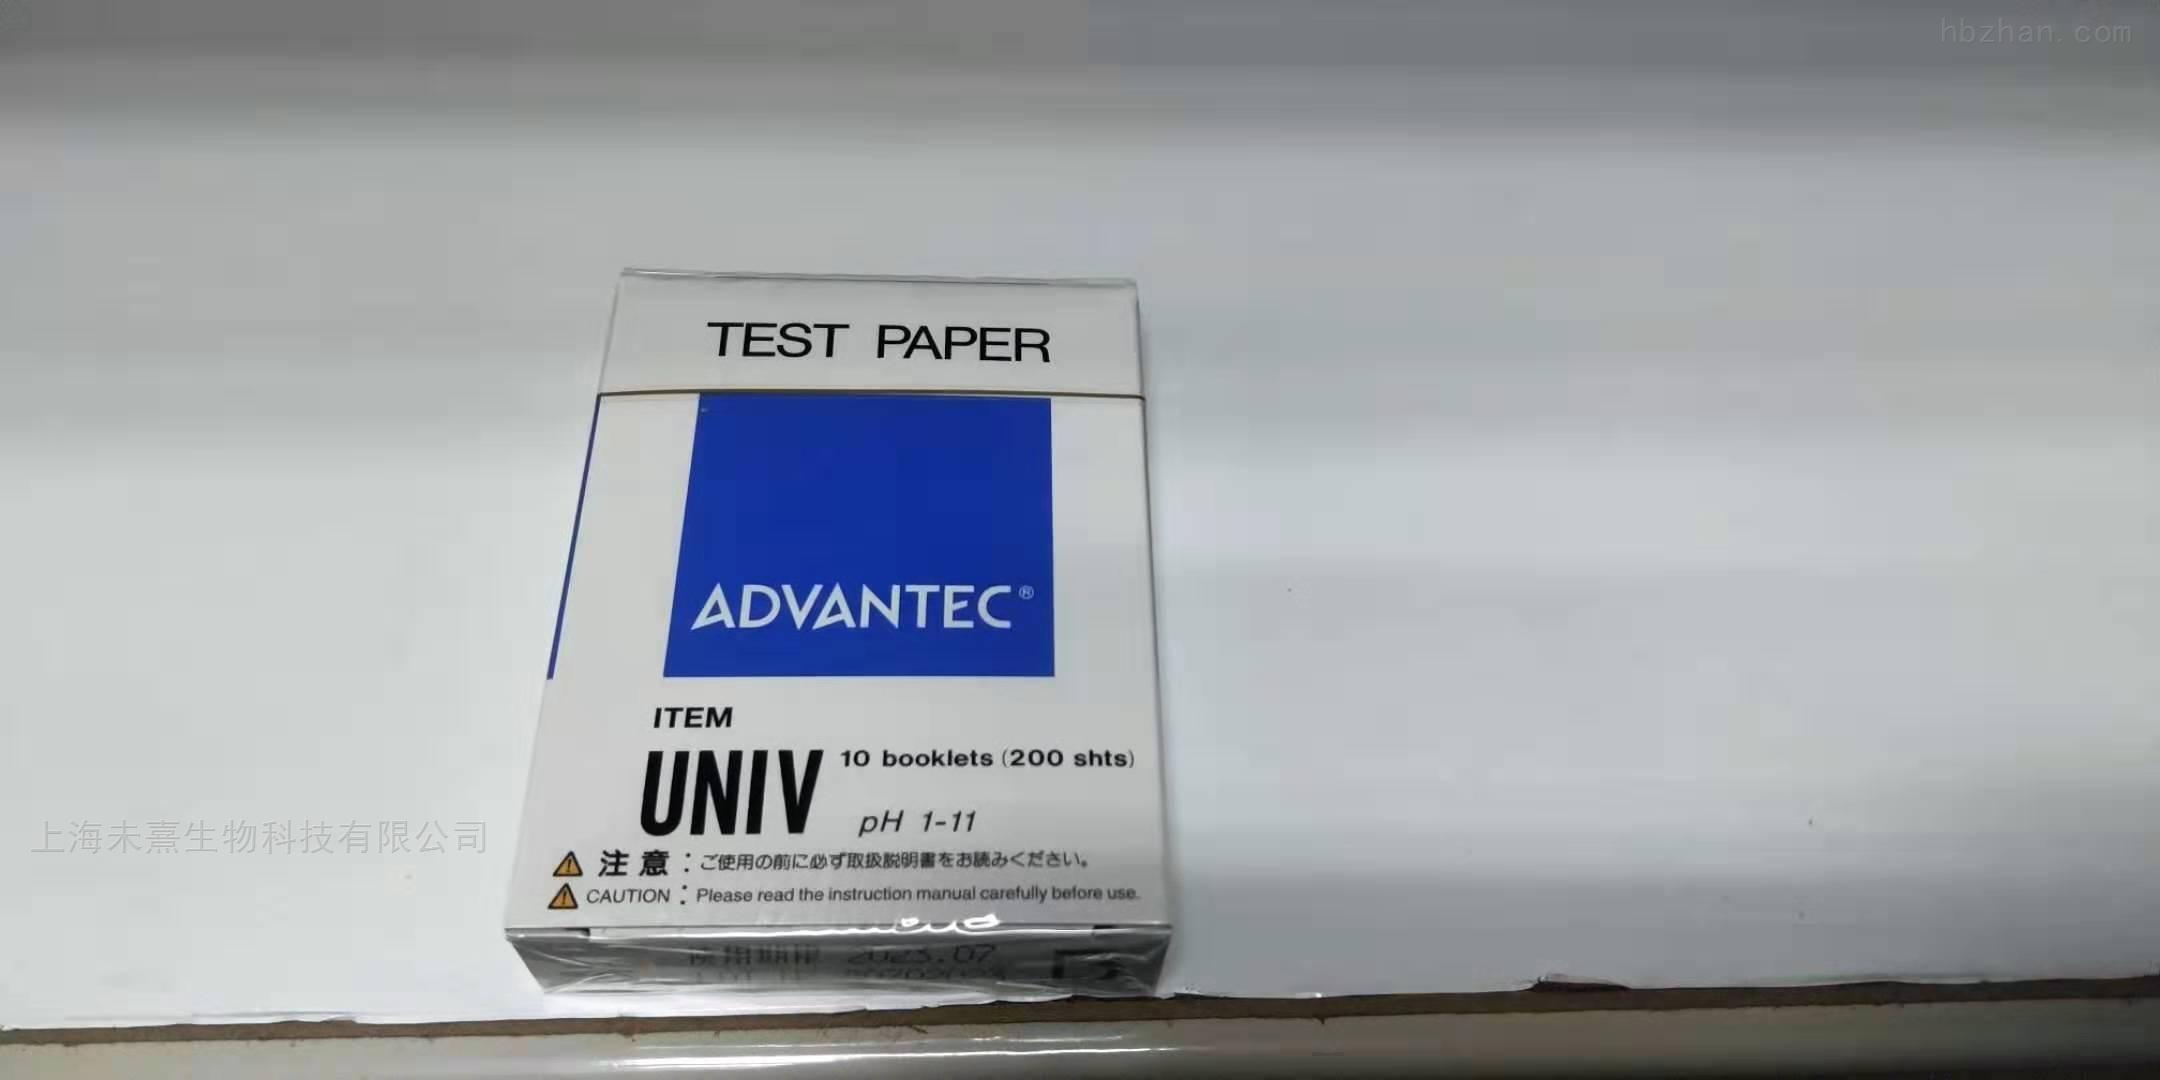 日本东洋PH试纸(1.0-11)UNIV试纸9mm*6m